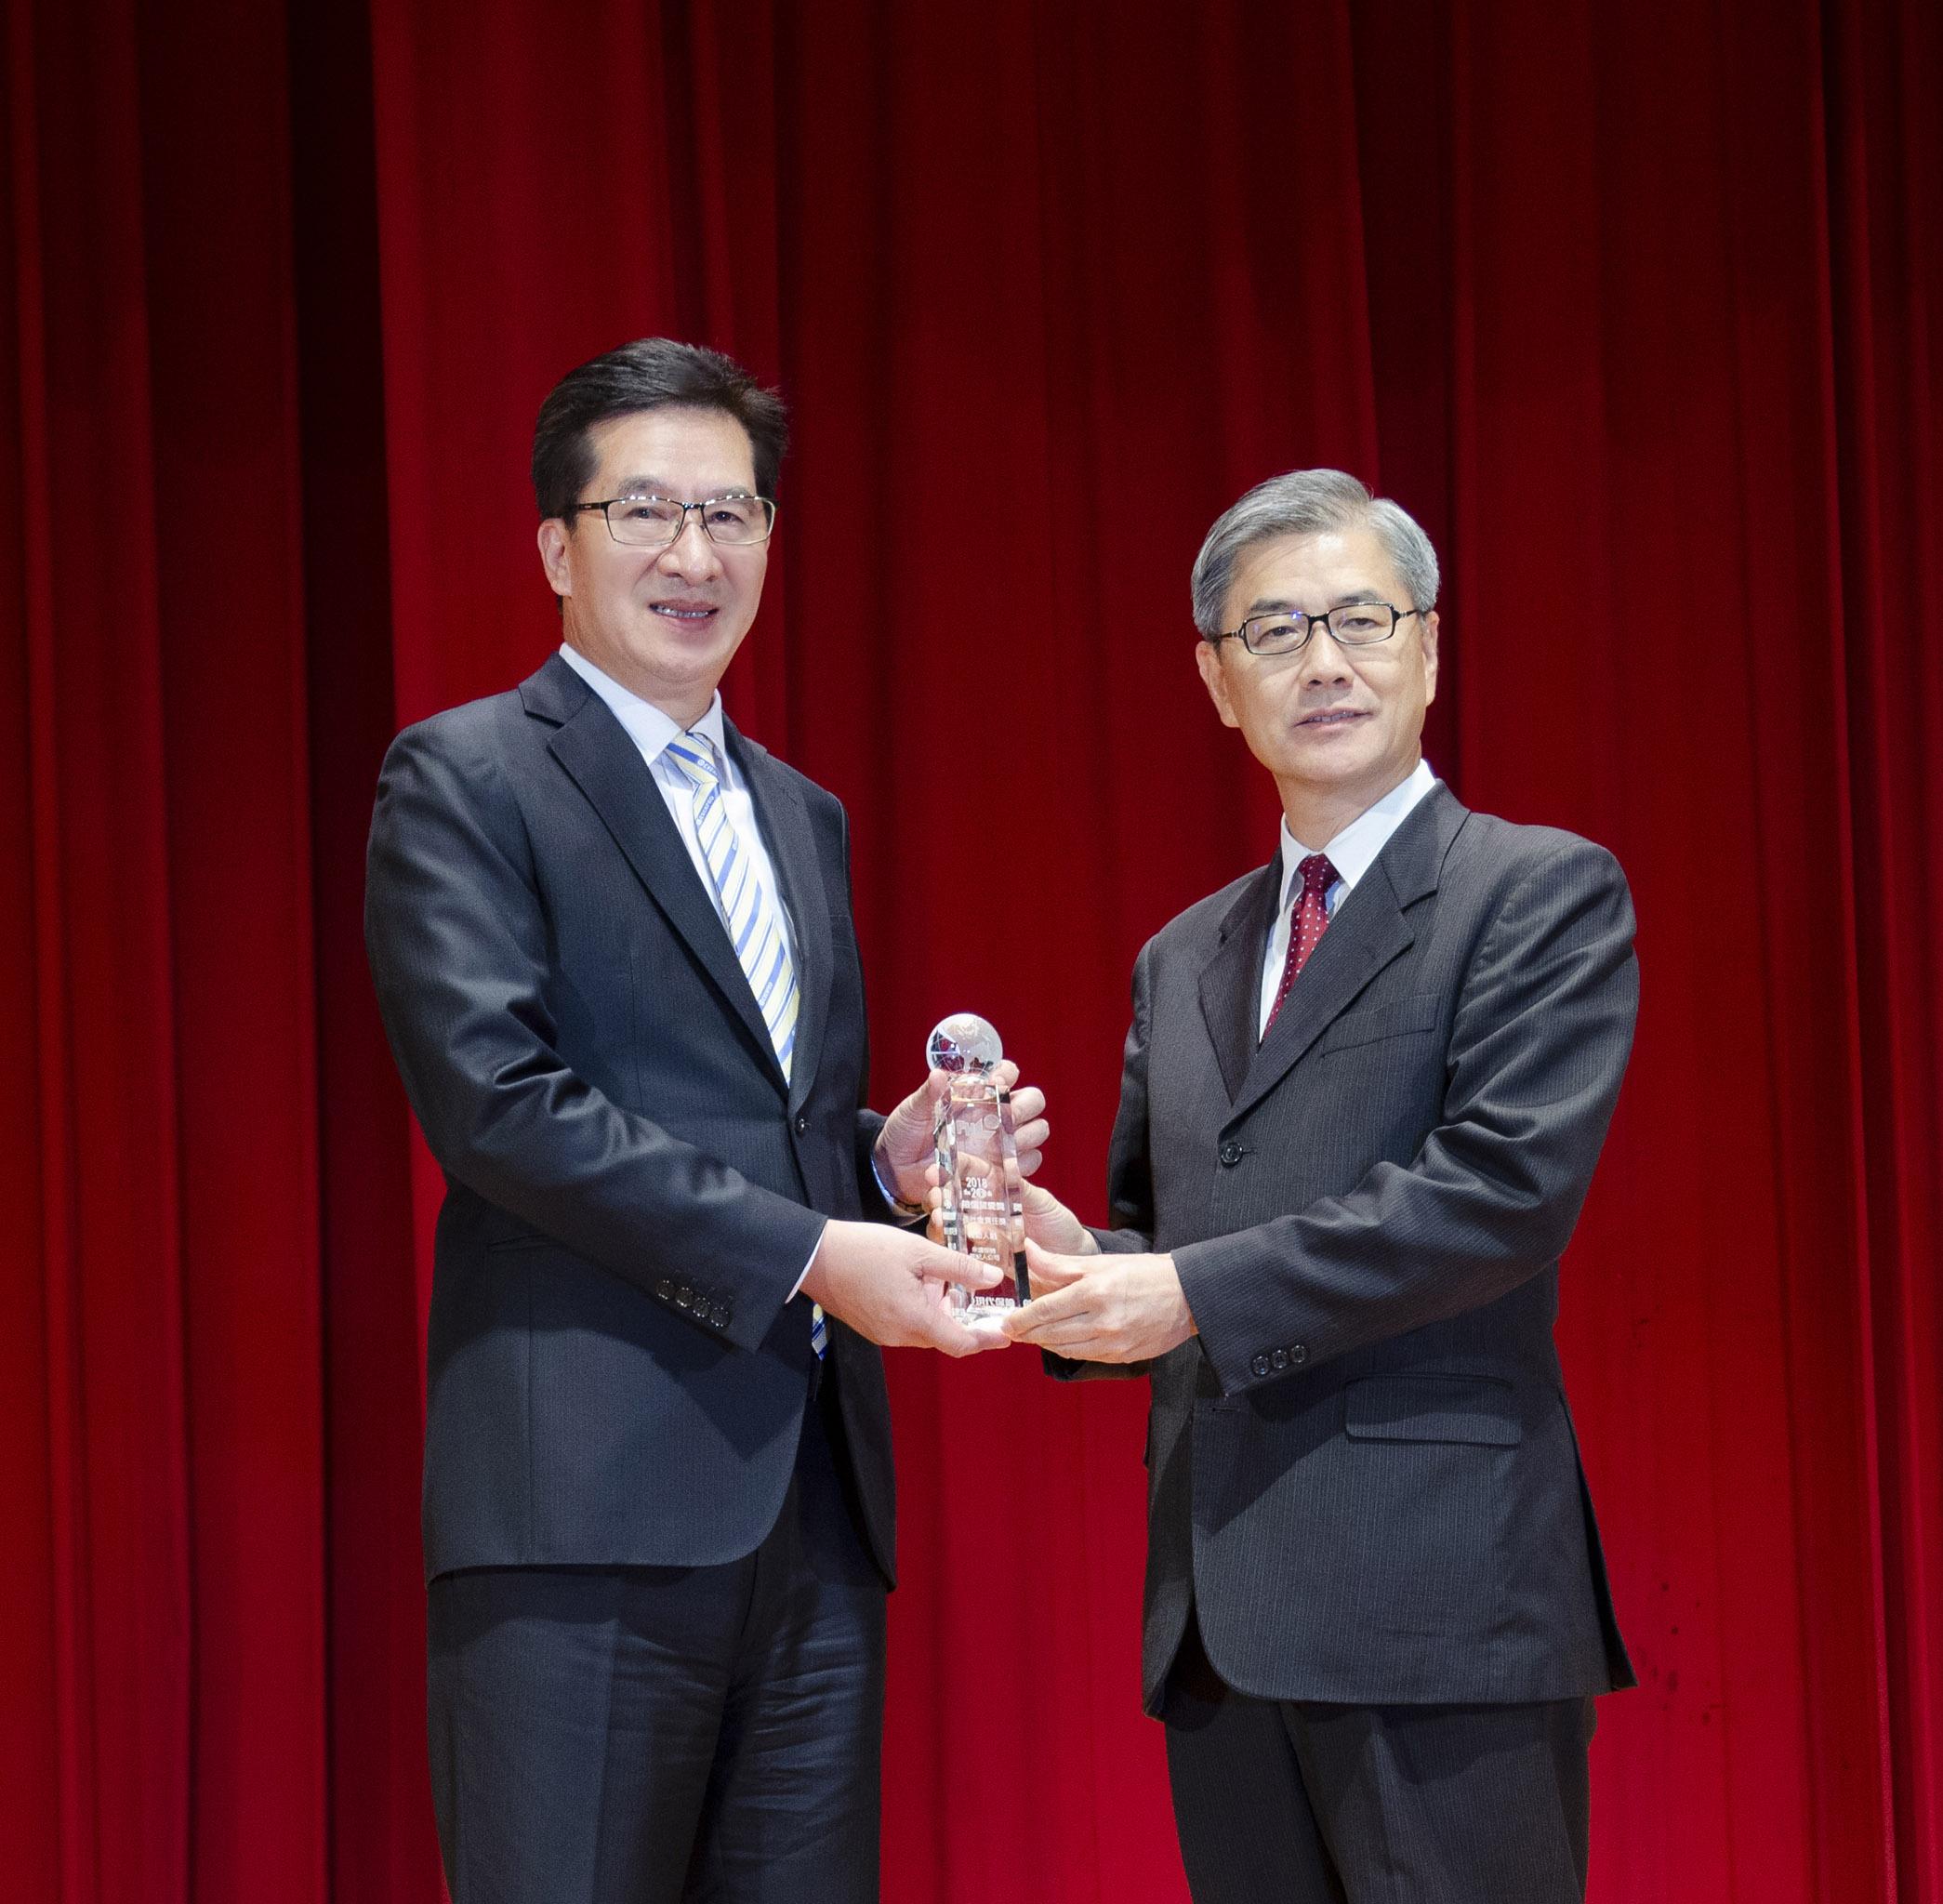 永達保經再度蟬聯「最佳社會責任」與「最佳保險專業」特優獎,由總經理陳慶鴻代表領獎。